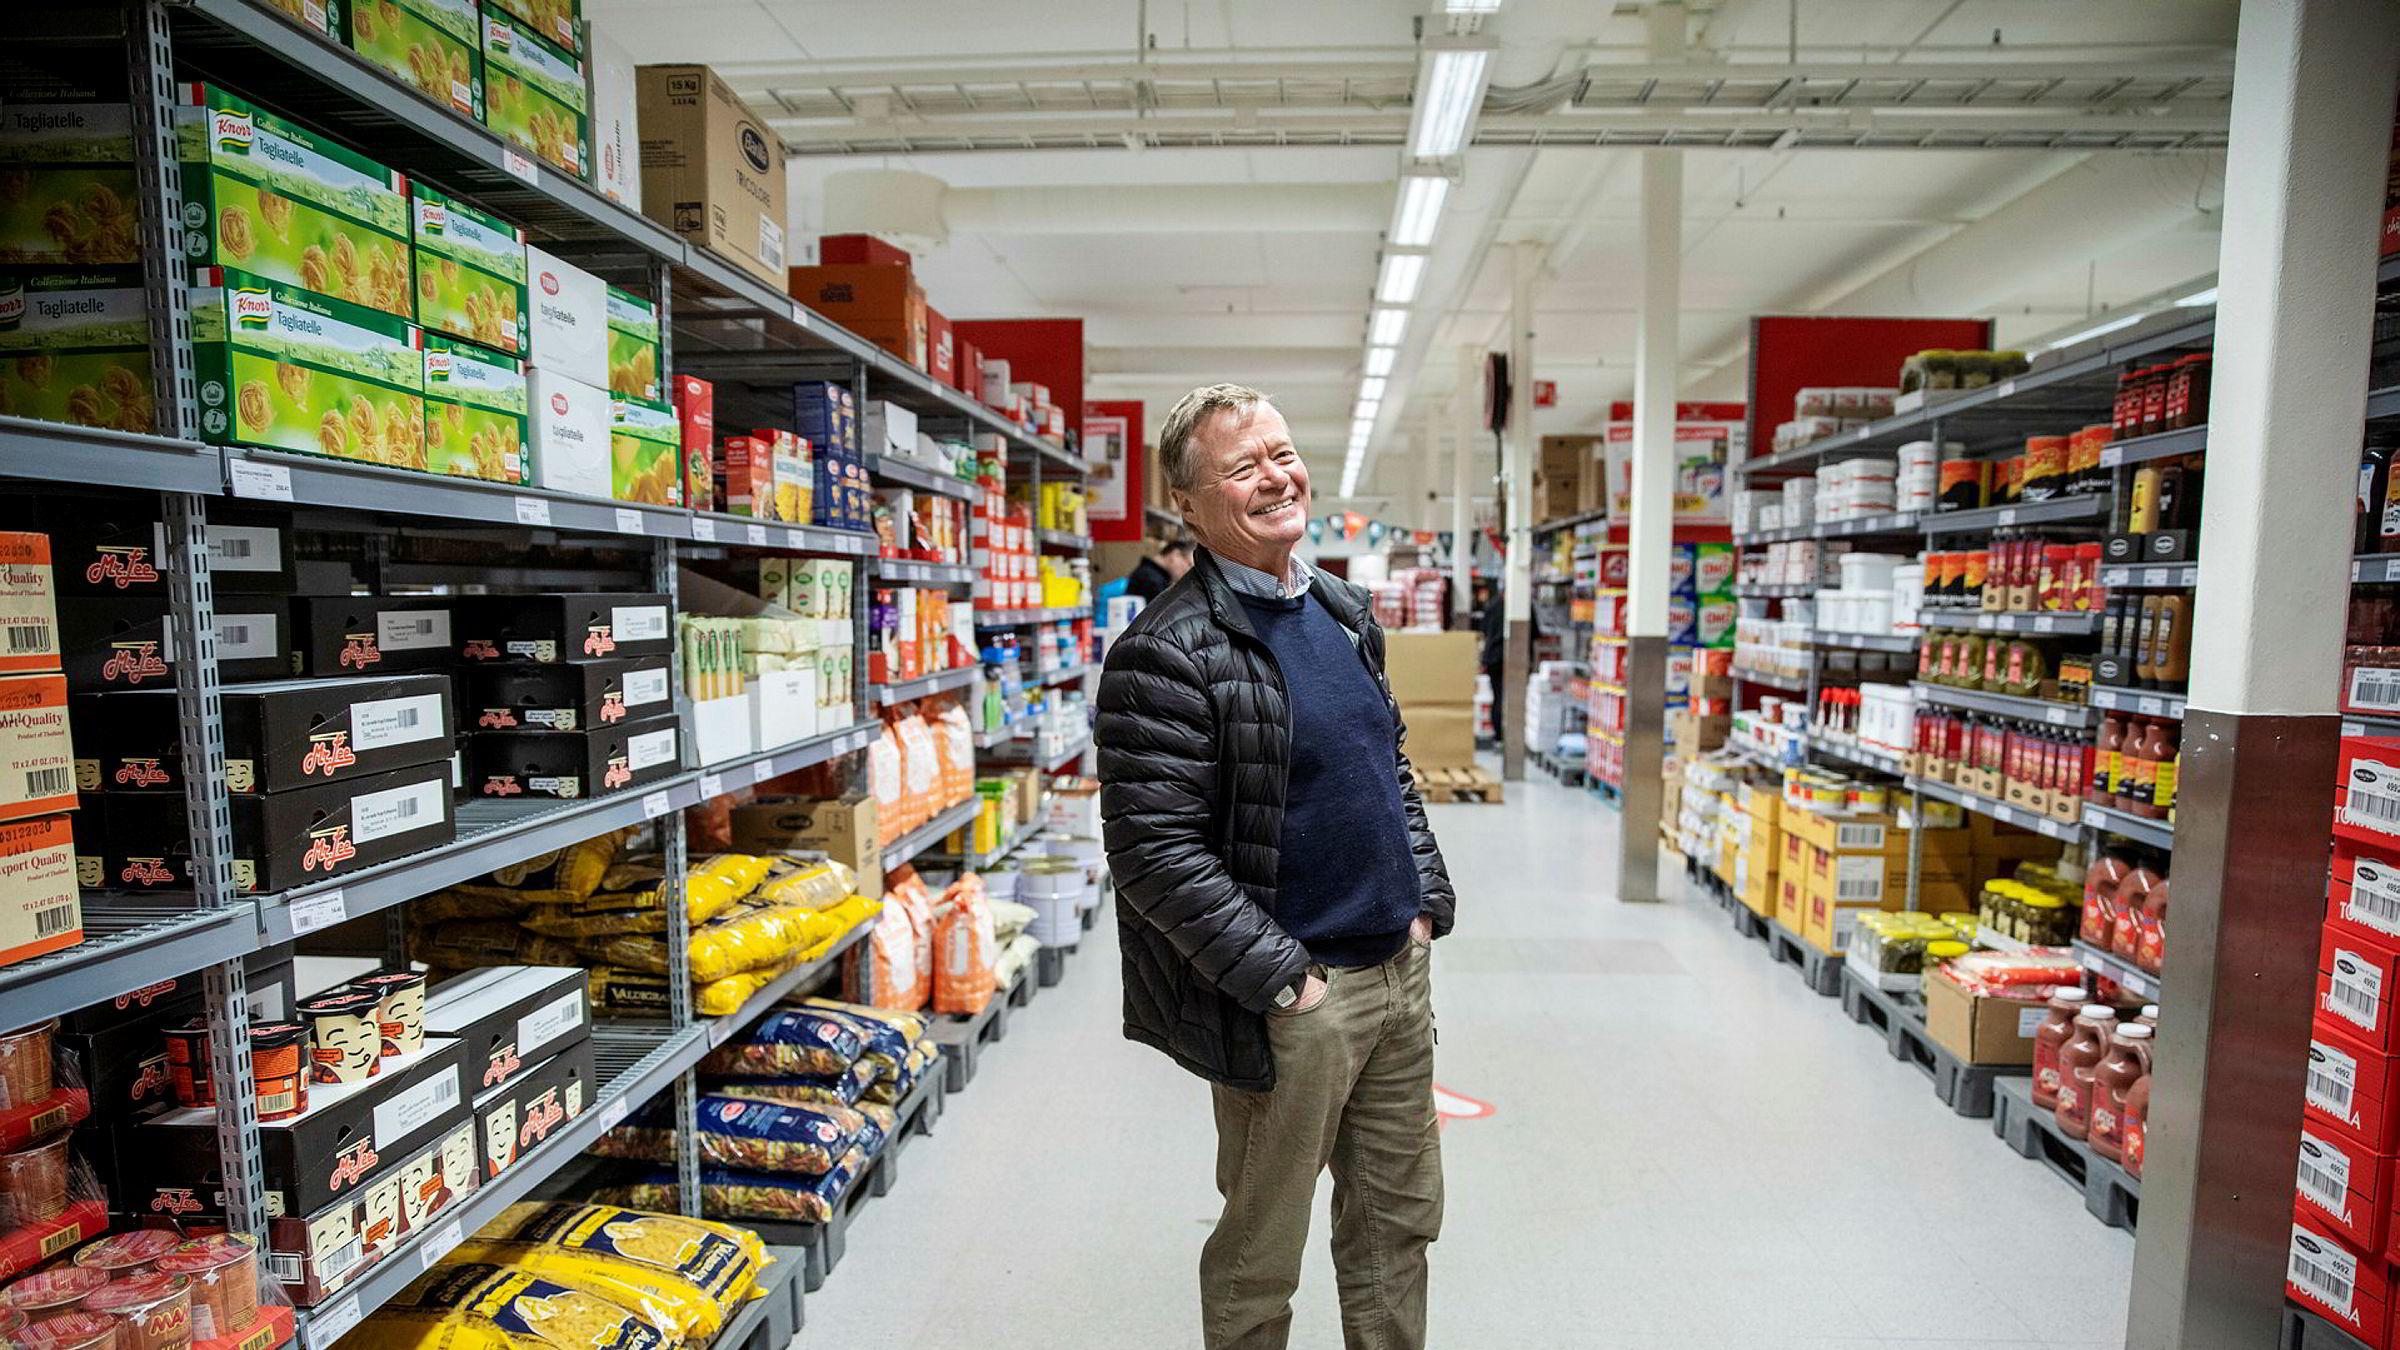 Norgesgruppen-eier Torbjørn Johannson mener at forslaget om prisregulering som regjeringen nå vurderer i praksis vil være tilnærmet umulig å regulere. – Det blir skrivebordsteori, sier Johannsom som her er i storkundebutikken Storcash utenfor Trondheim.